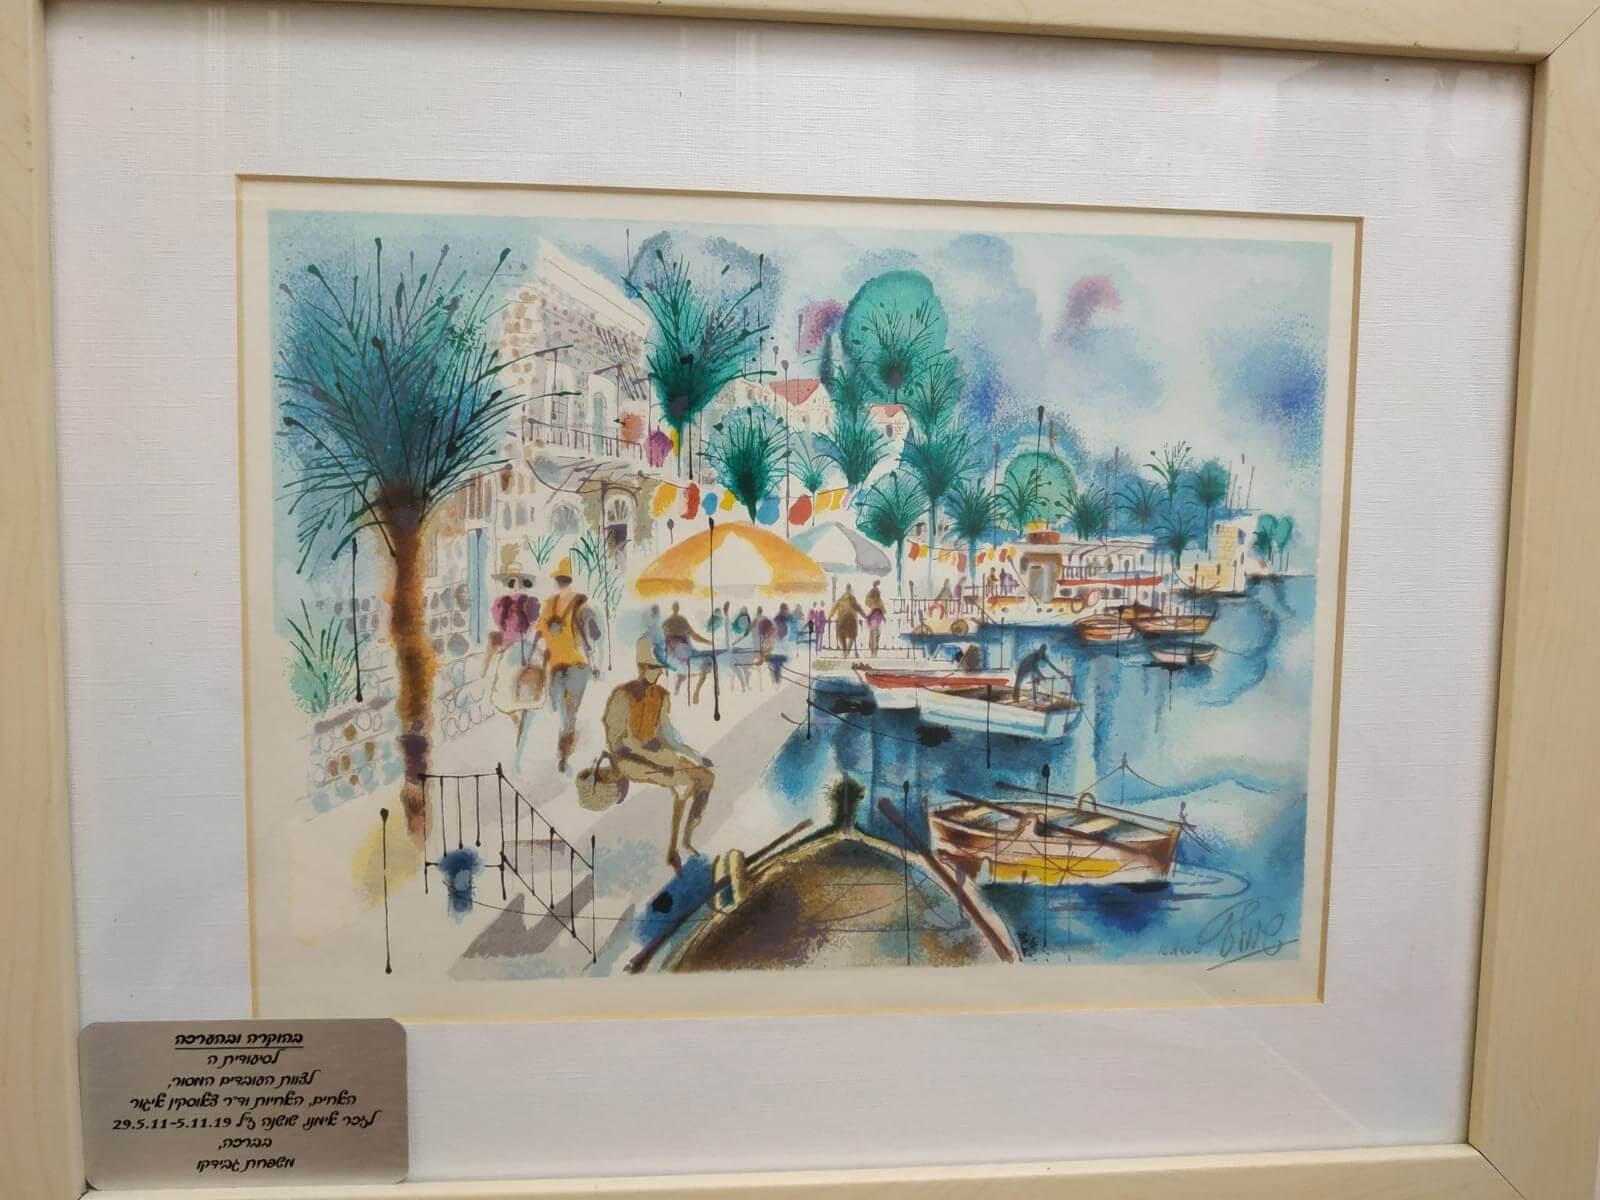 ציור שמן של עיר נמל צבעונית , תמונה על הקיר בגולדן קר מרכז שיקום